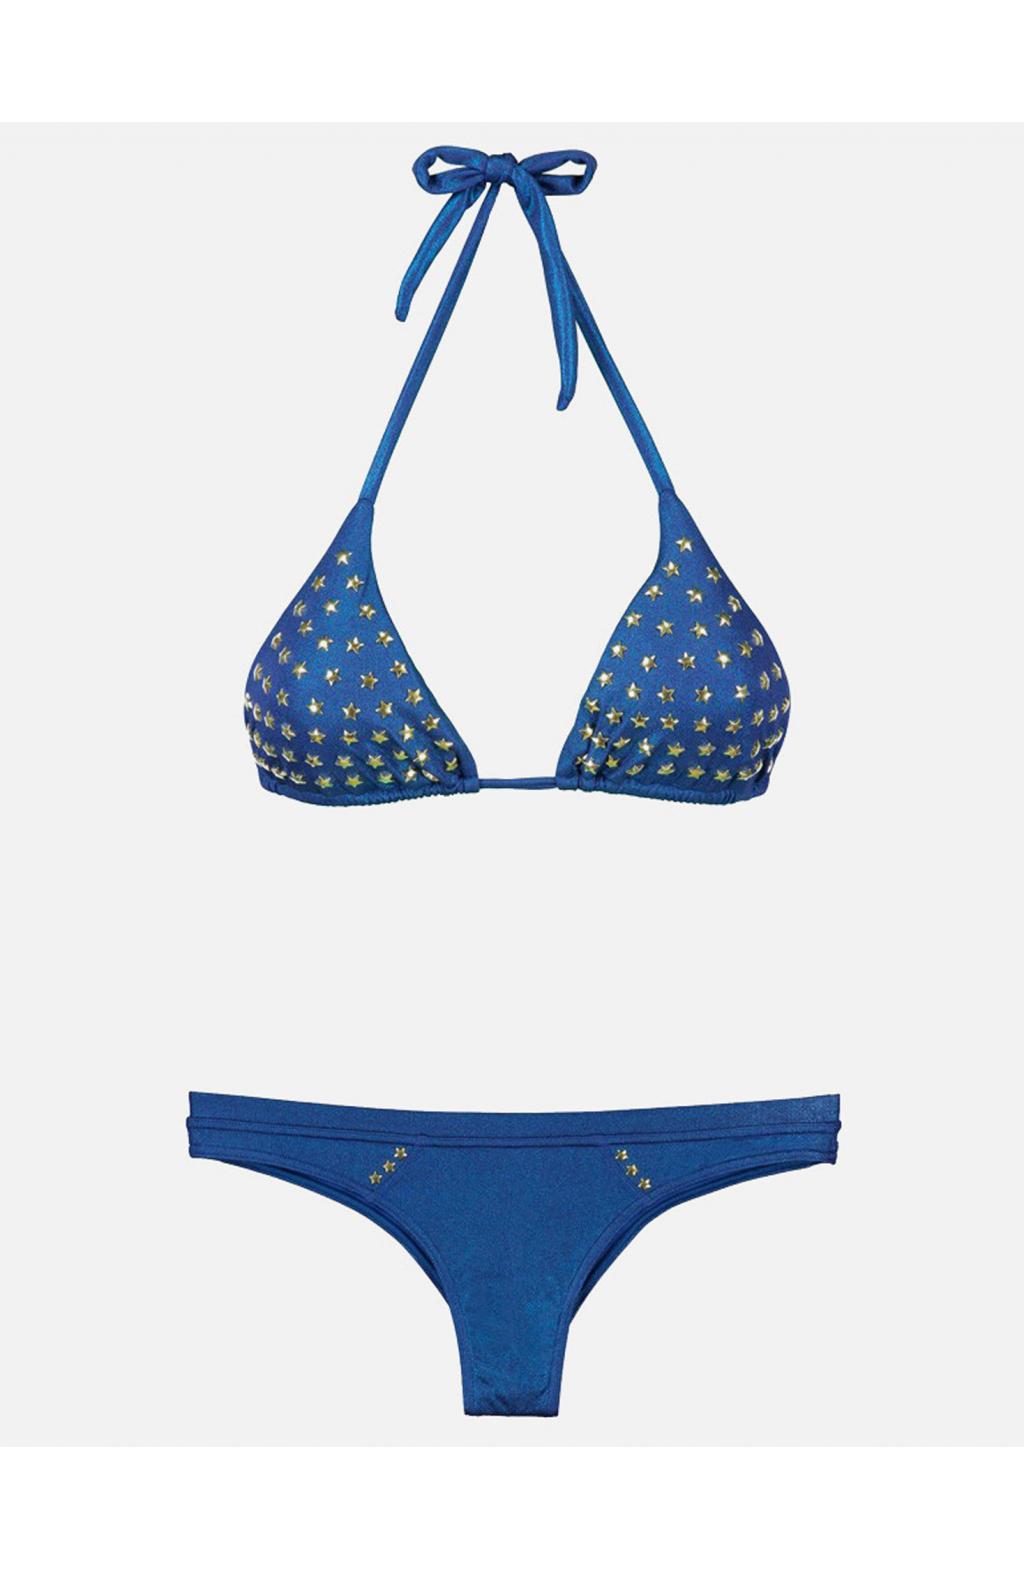 Bikini Triangolo scorrevole stile Navy borchie